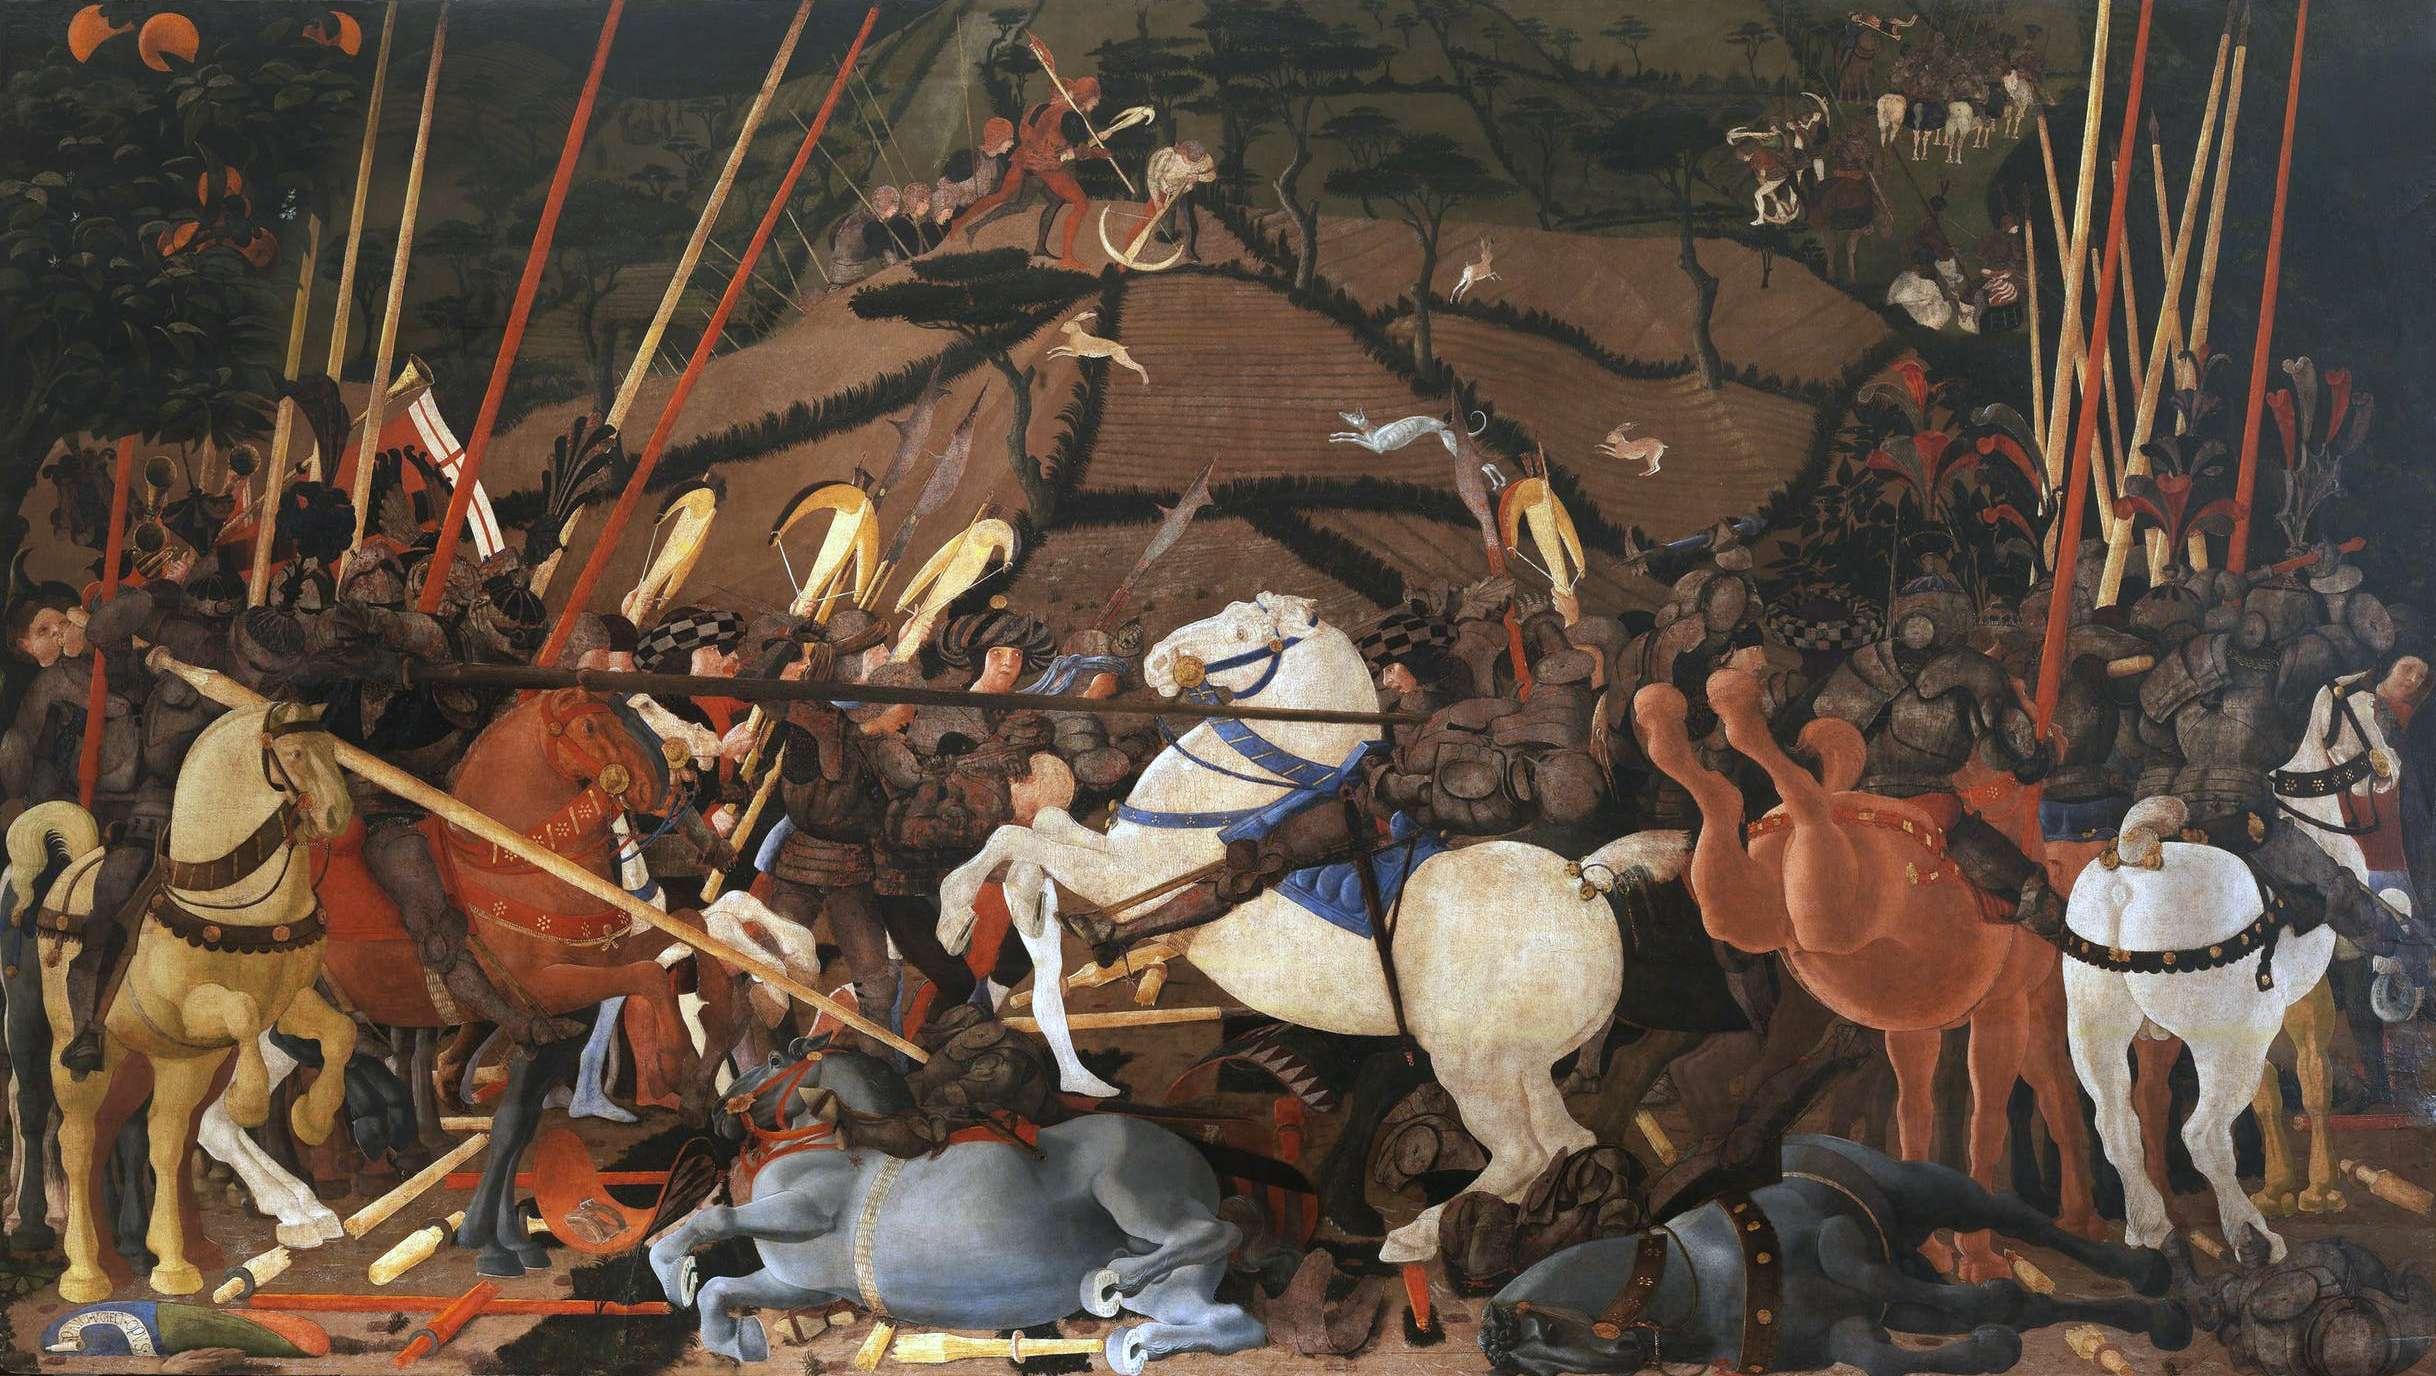 Πάολο Ουτσέλλο (Paolo Uccello, 15 Ιουνίου 1397 - 10 Δεκεμβρίου 1475). Μάχη του Σαν Ρομάνο.